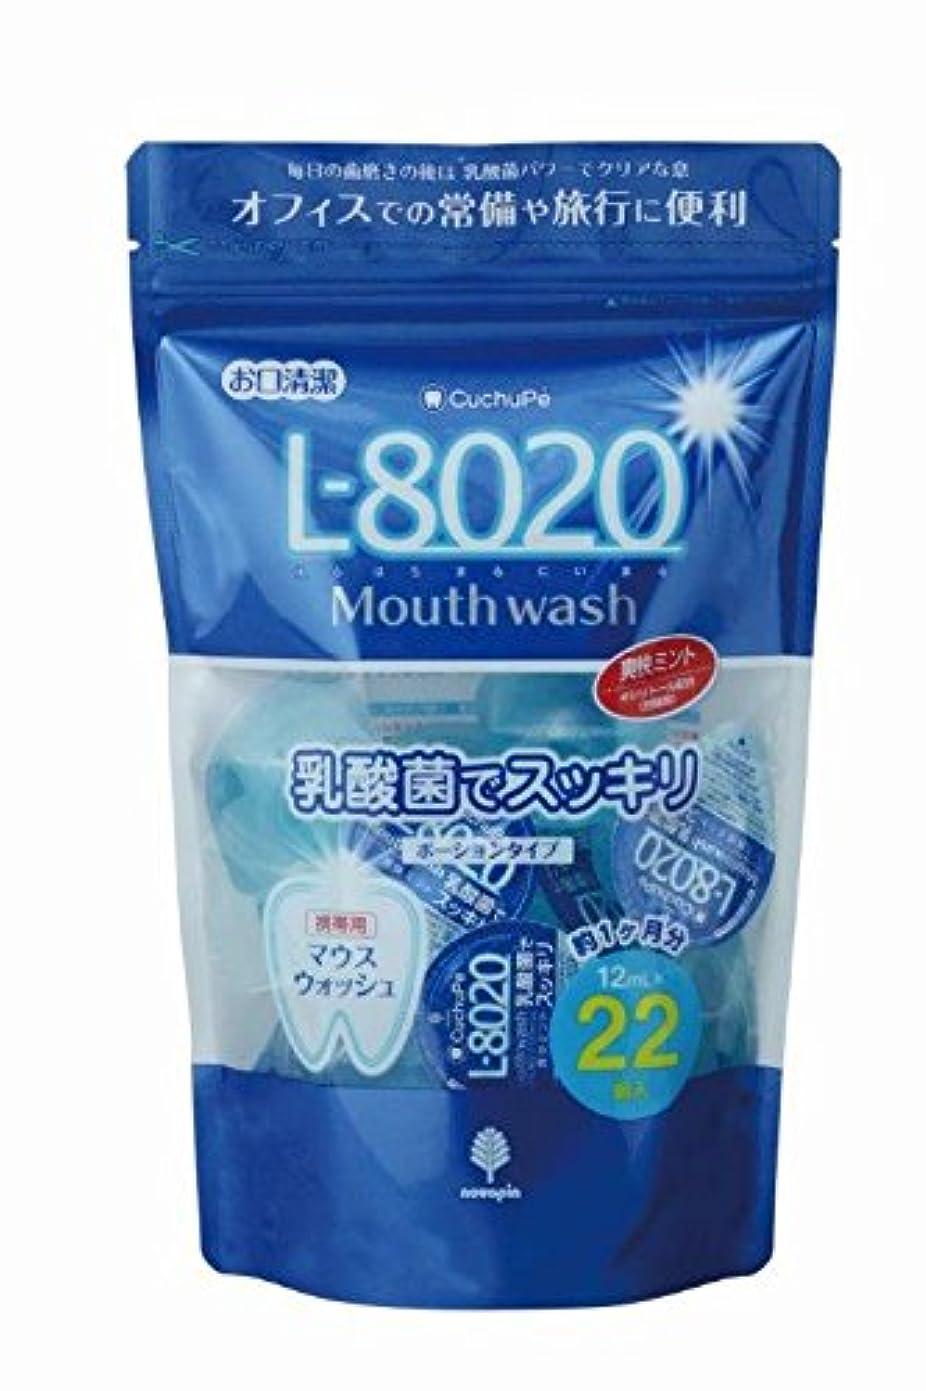 排出複雑コミット紀陽除虫菊 マウスウォッシュ クチュッペ L-8020 爽快ミント ポーション 22個入